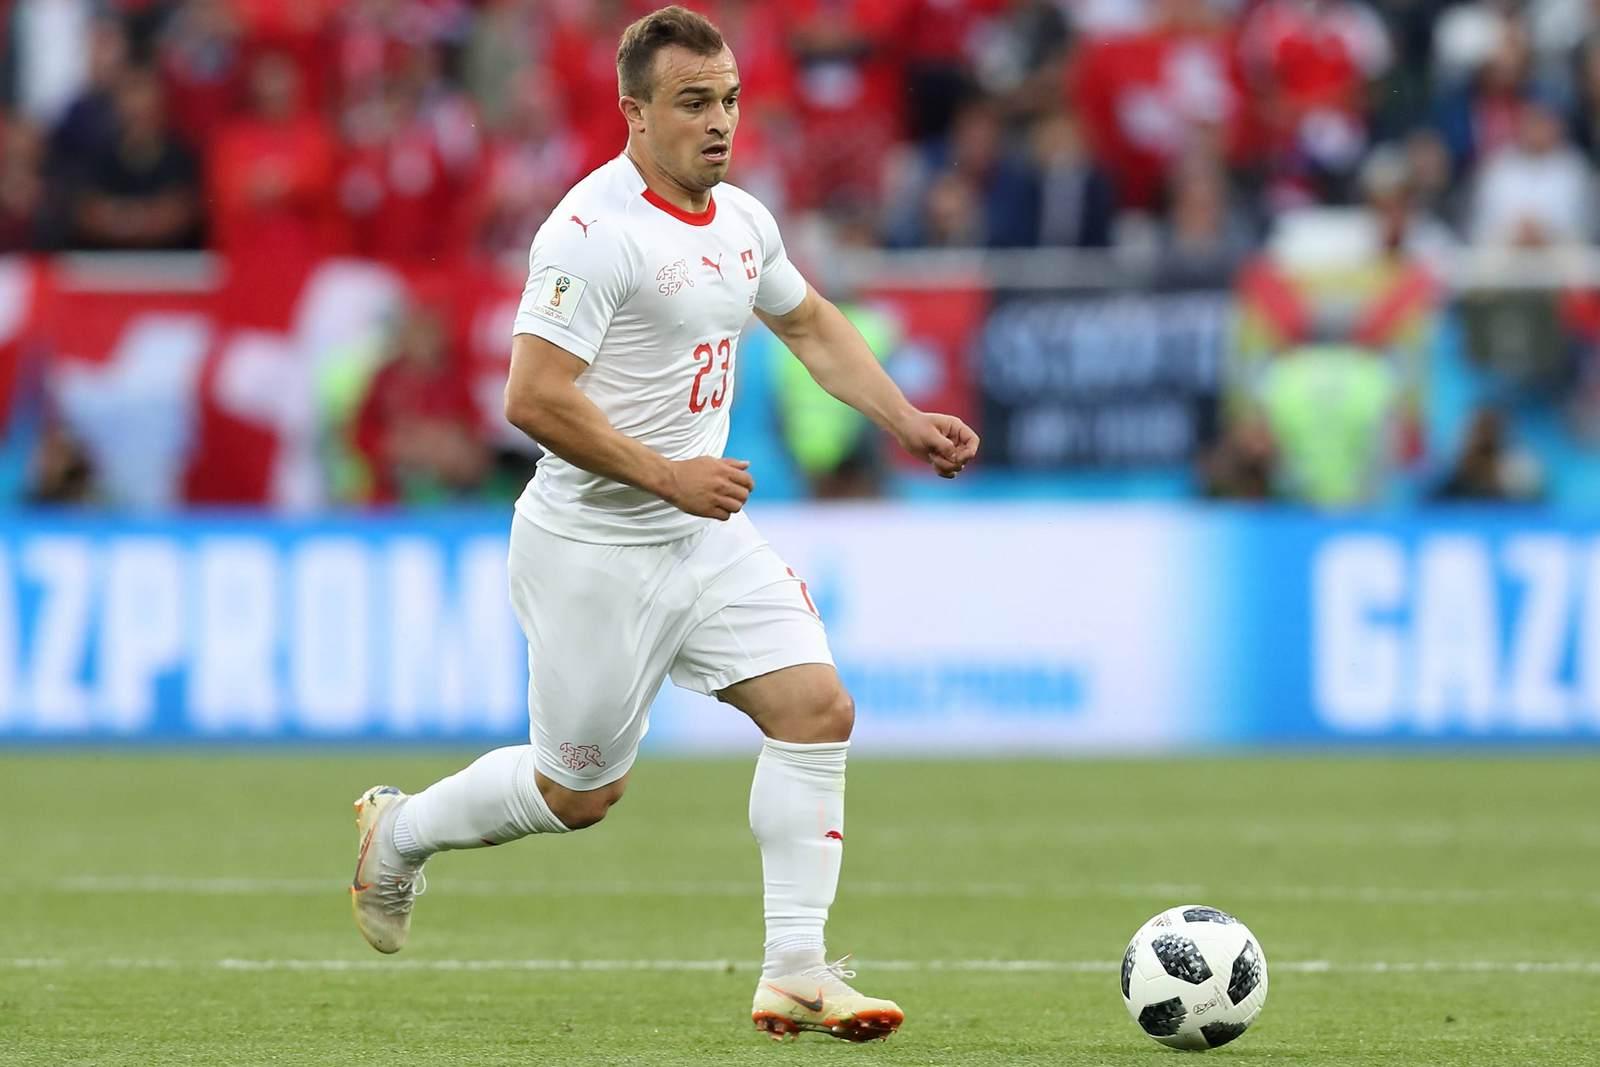 Xherdan Shaqiri am Ball für die Schweiz. Jetzt auf die Partie Schweiz gegen Costa Rica wetten.